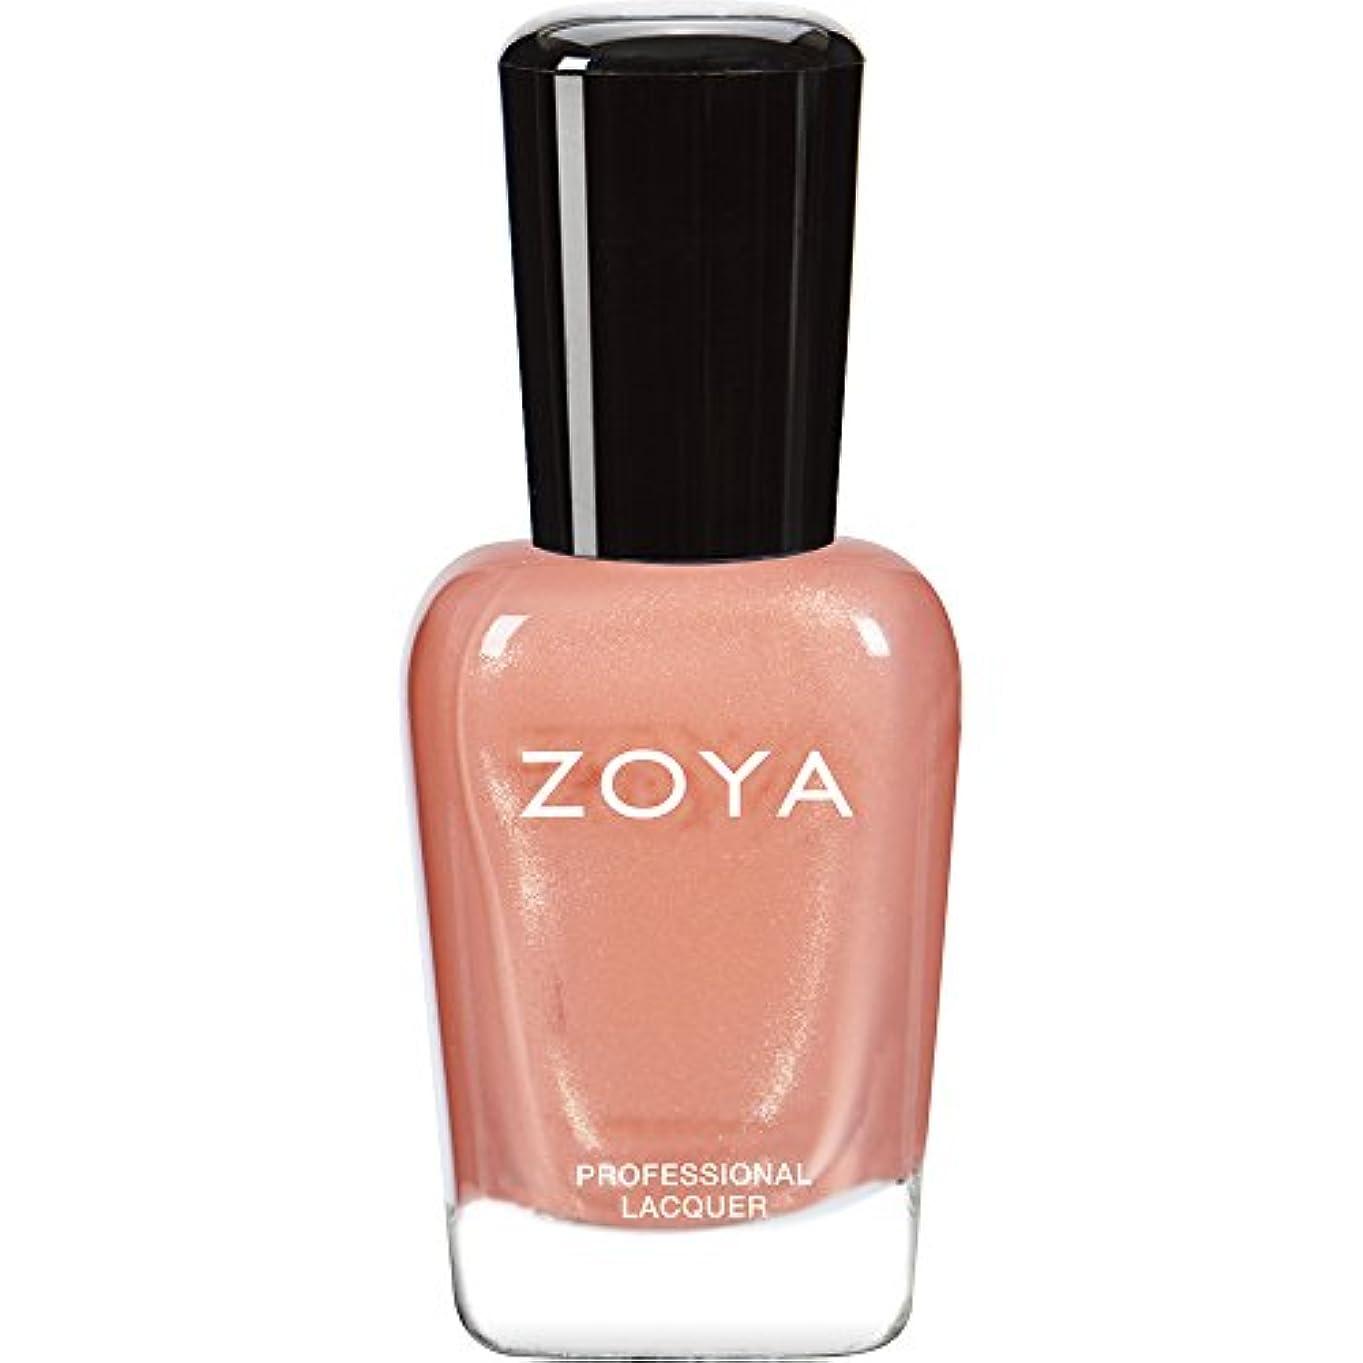 ZOYA ゾーヤ ネイルカラーZP472 CASSI キャシー 15ml ガーリーなコーラルピンク パール?マット 爪にやさしいネイルラッカーマニキュア